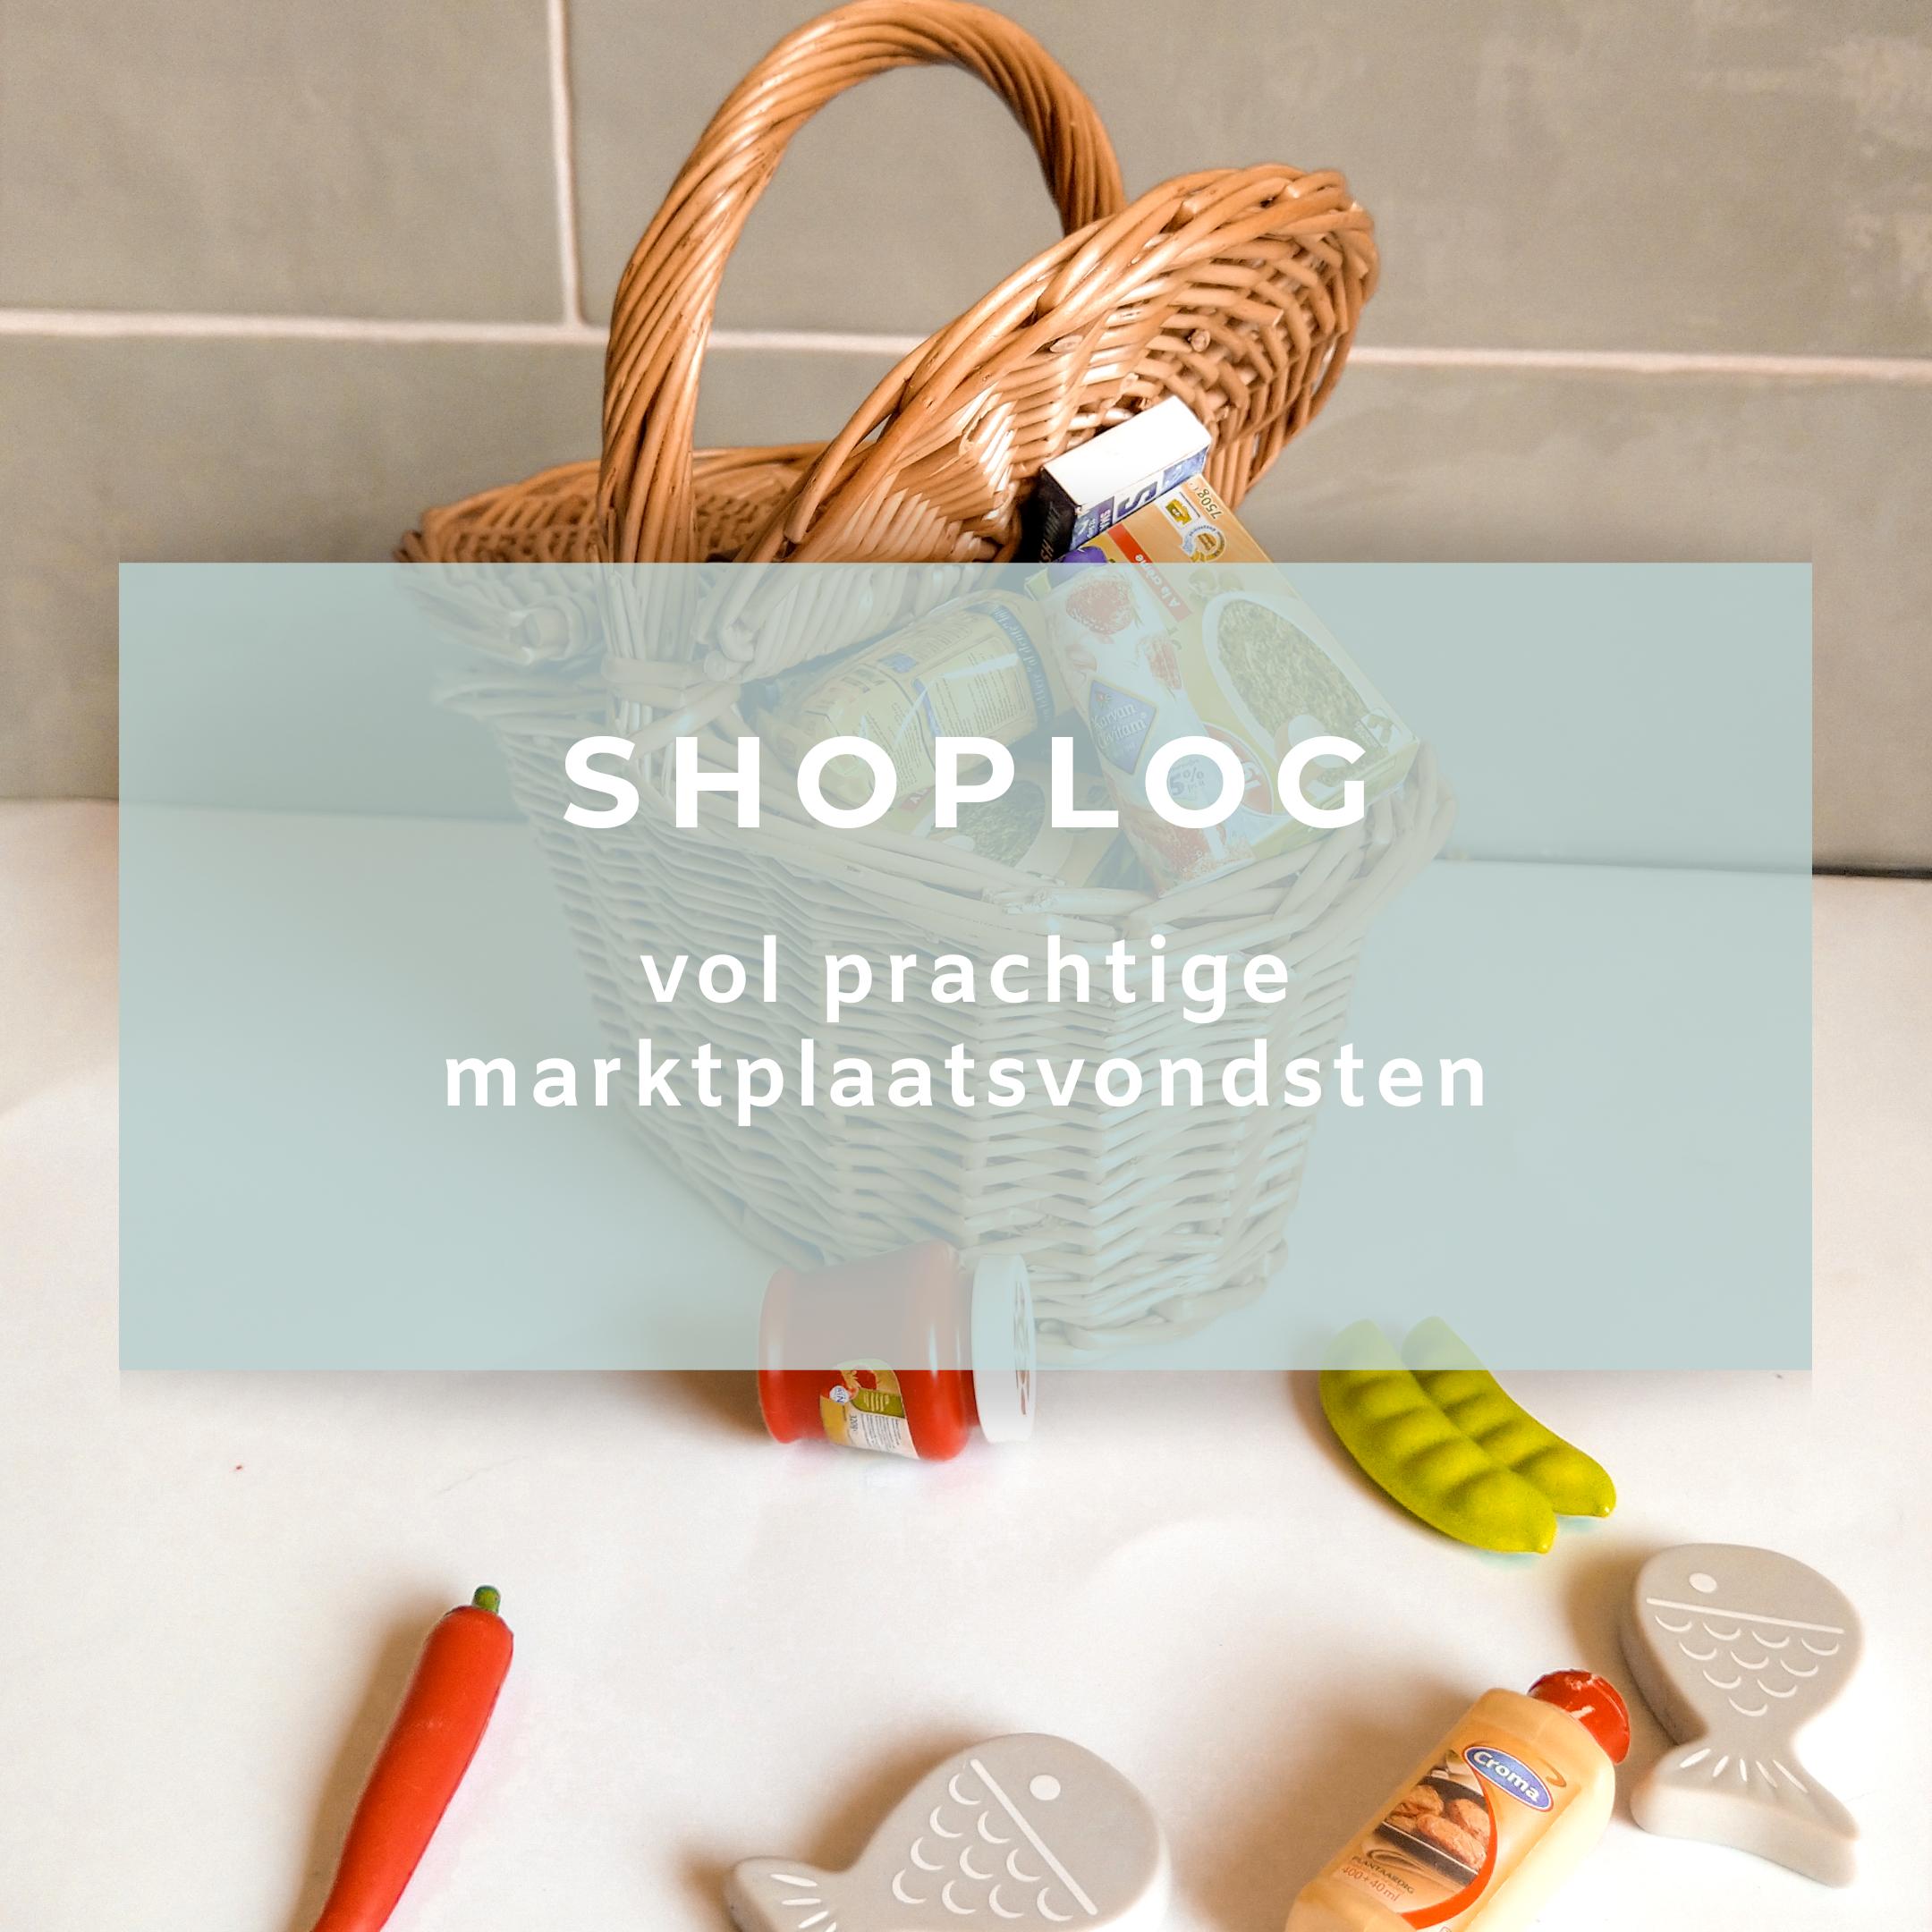 Shoplog vol prachtige marktplaatsvondsten deel 2